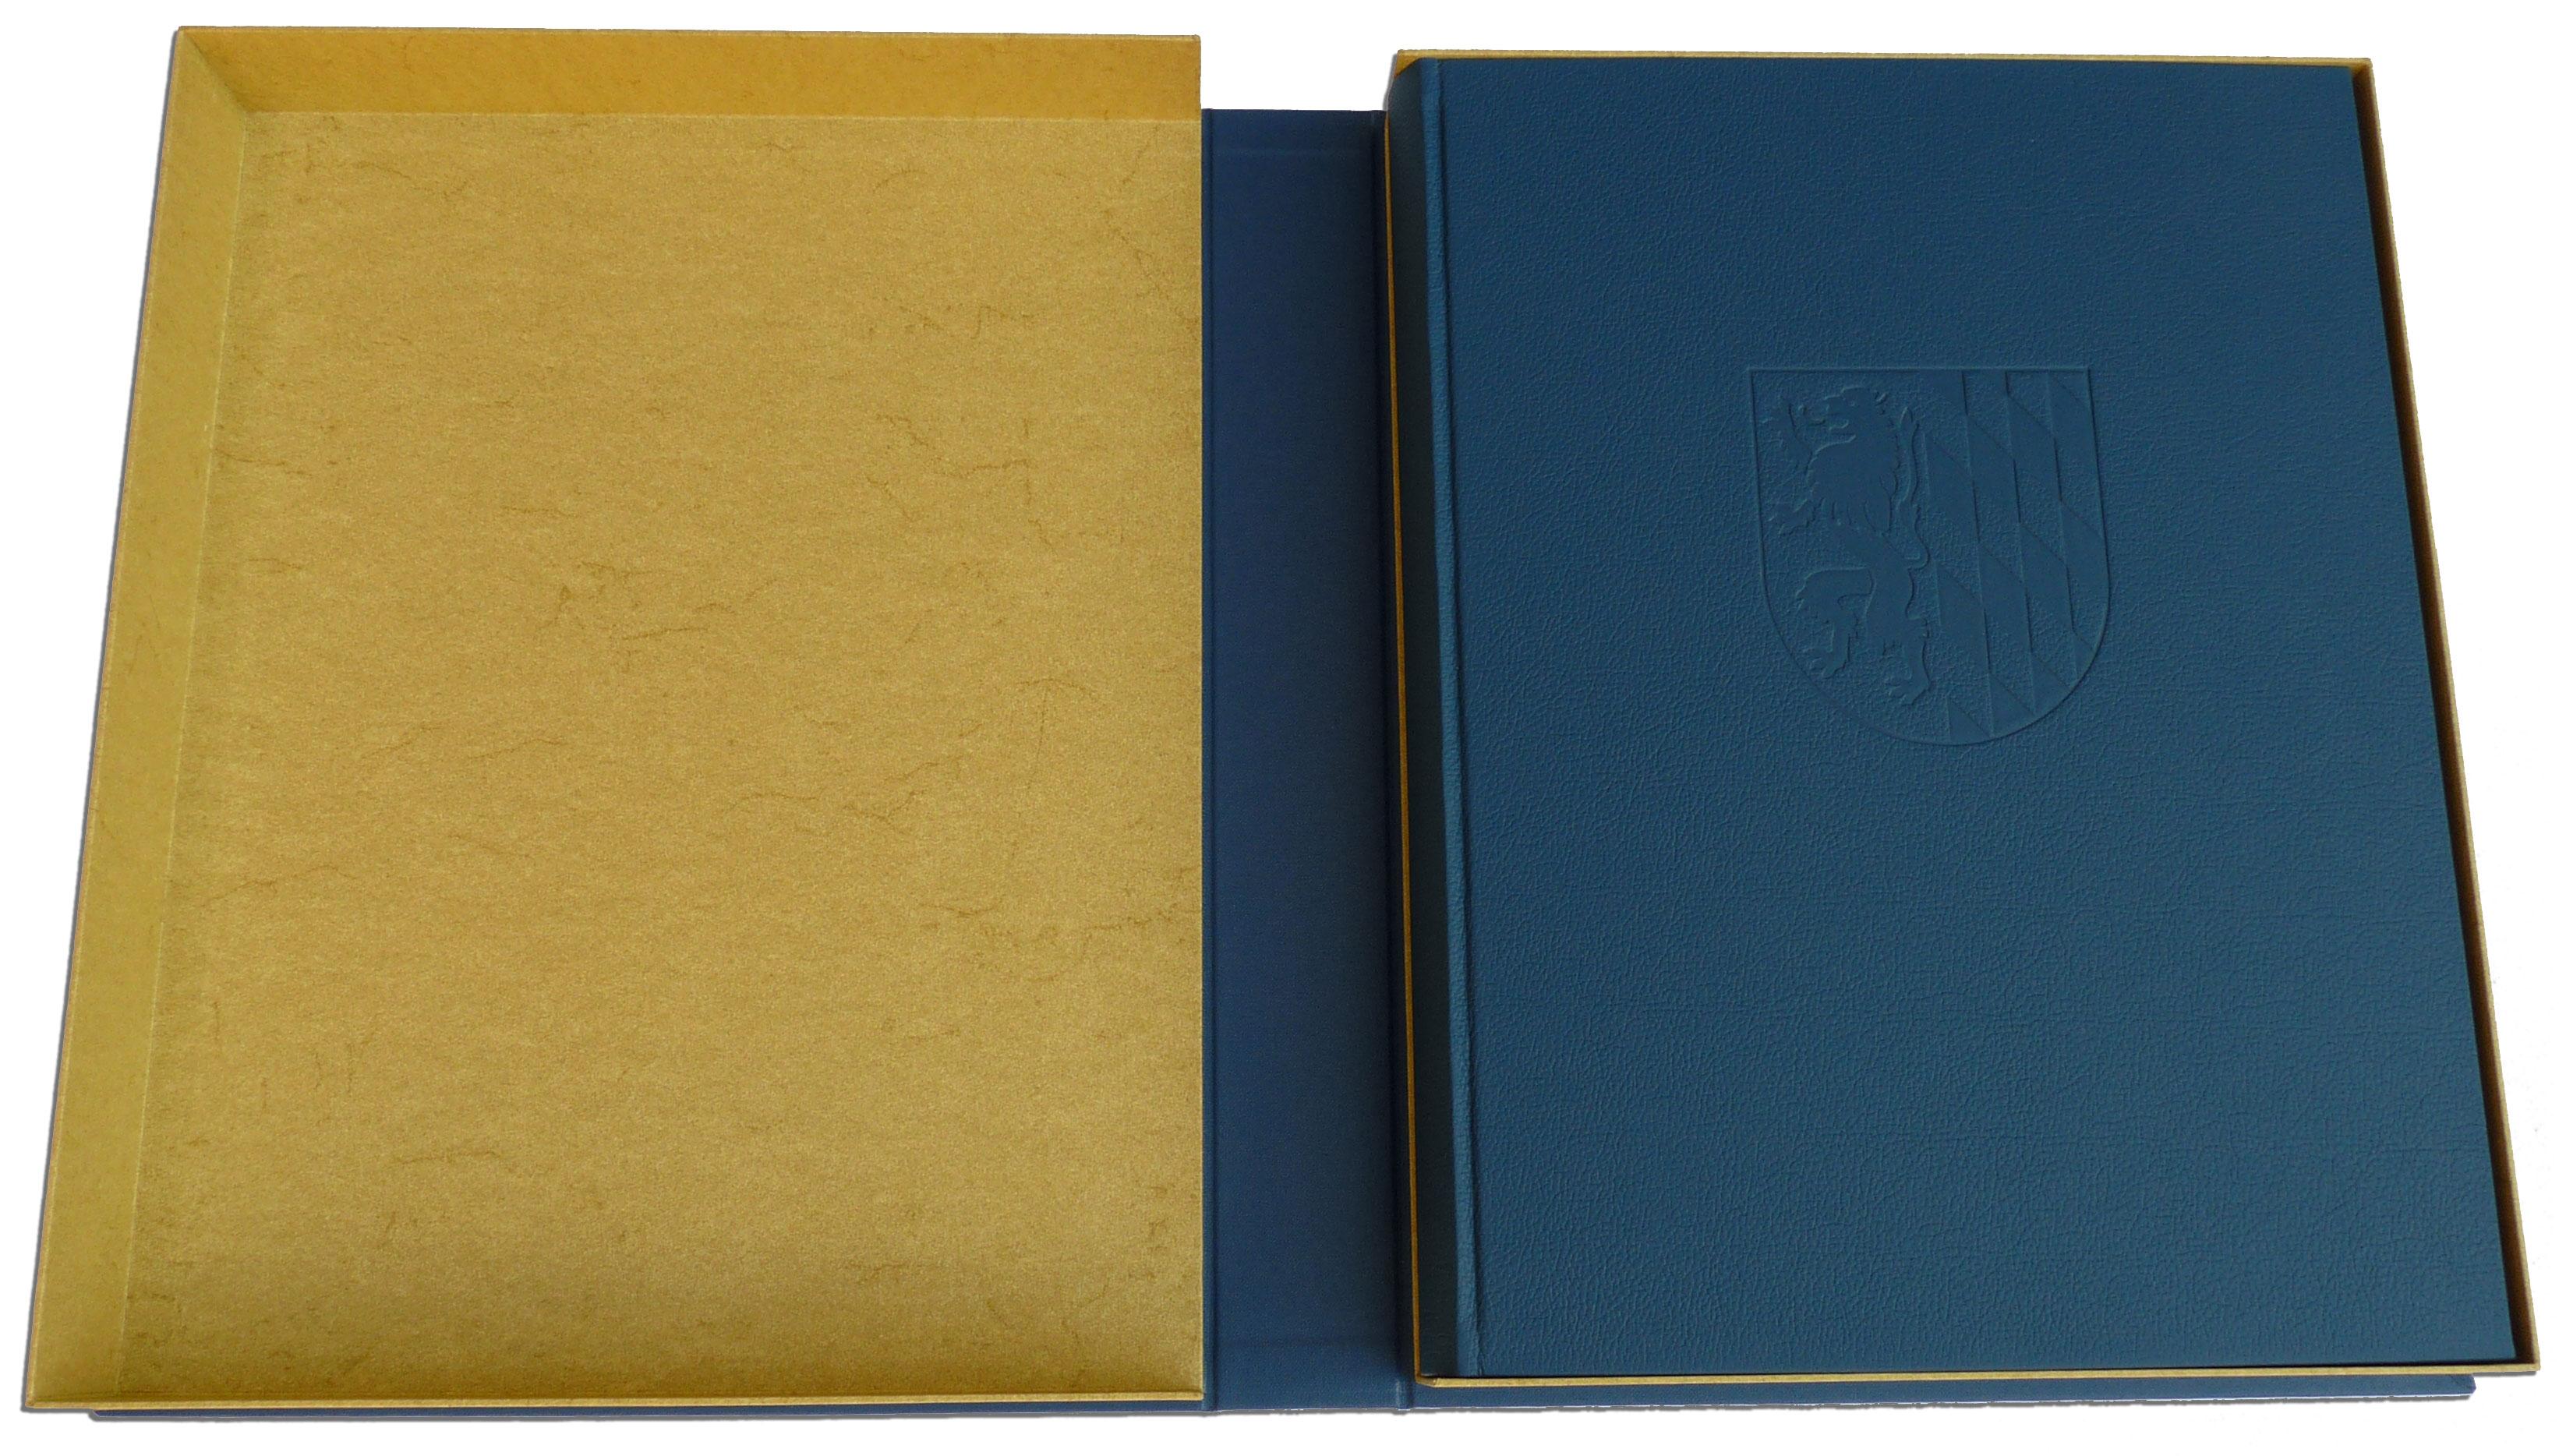 Kasette für Goldenes Buch